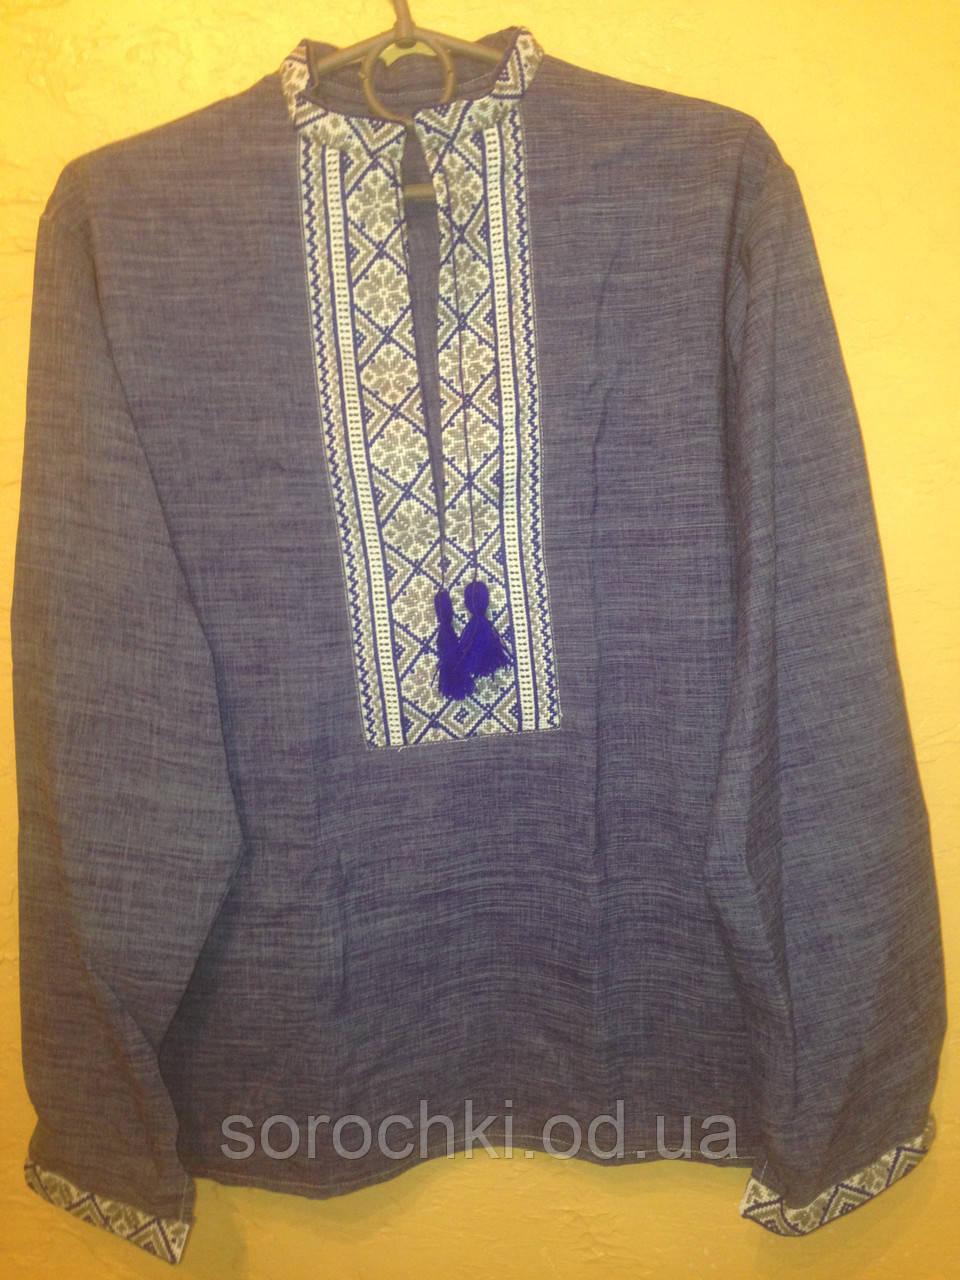 Рубашка вышиванка для мальчика, сиреневая, вышивка синяя